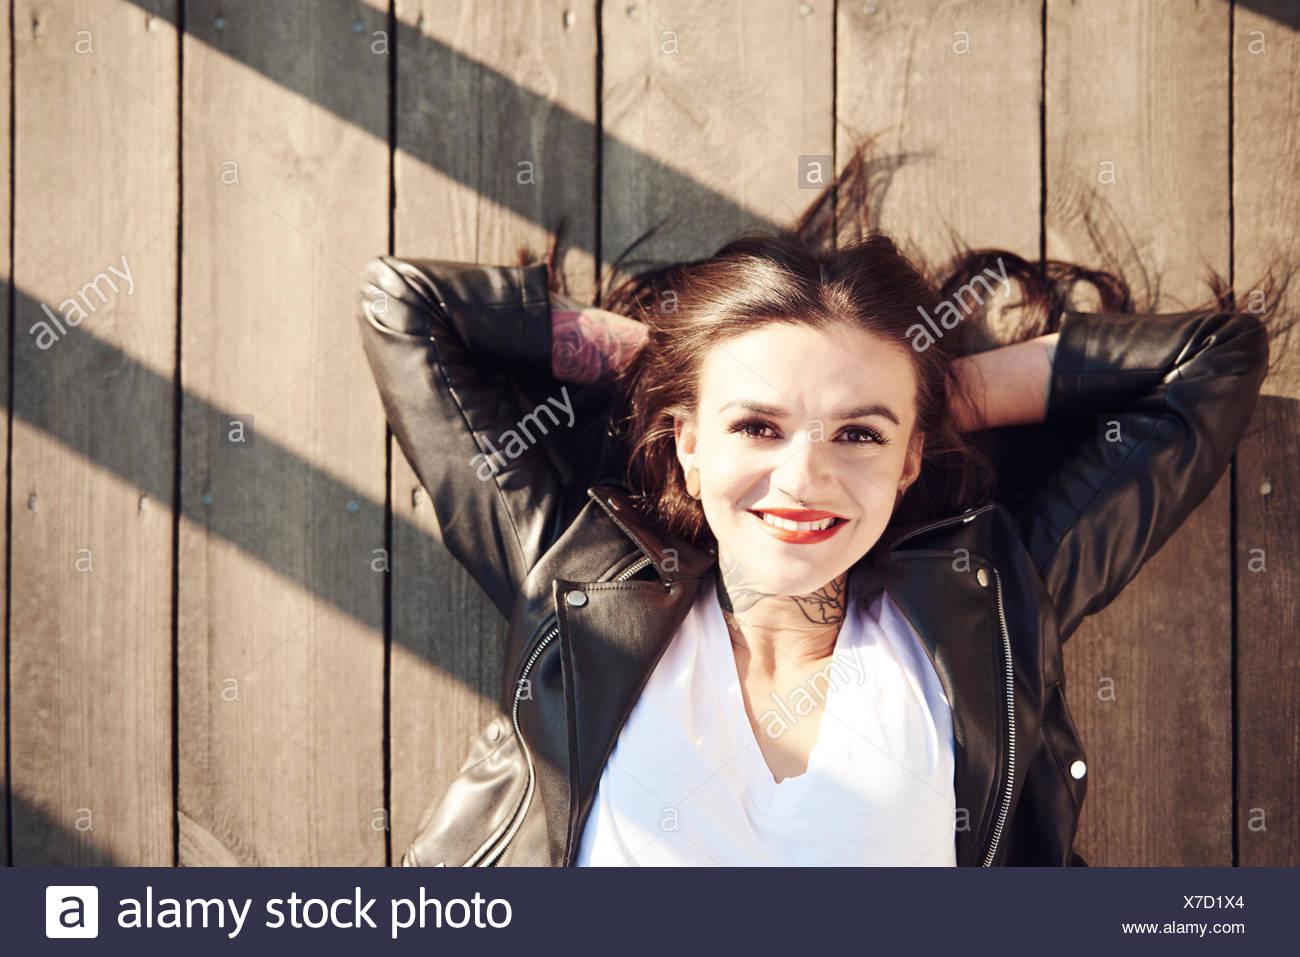 Porträt der jungen Frau liegend auf Holzterrasse, die Hände hinter dem Kopf, Lächeln, Ansicht von oben Stockbild